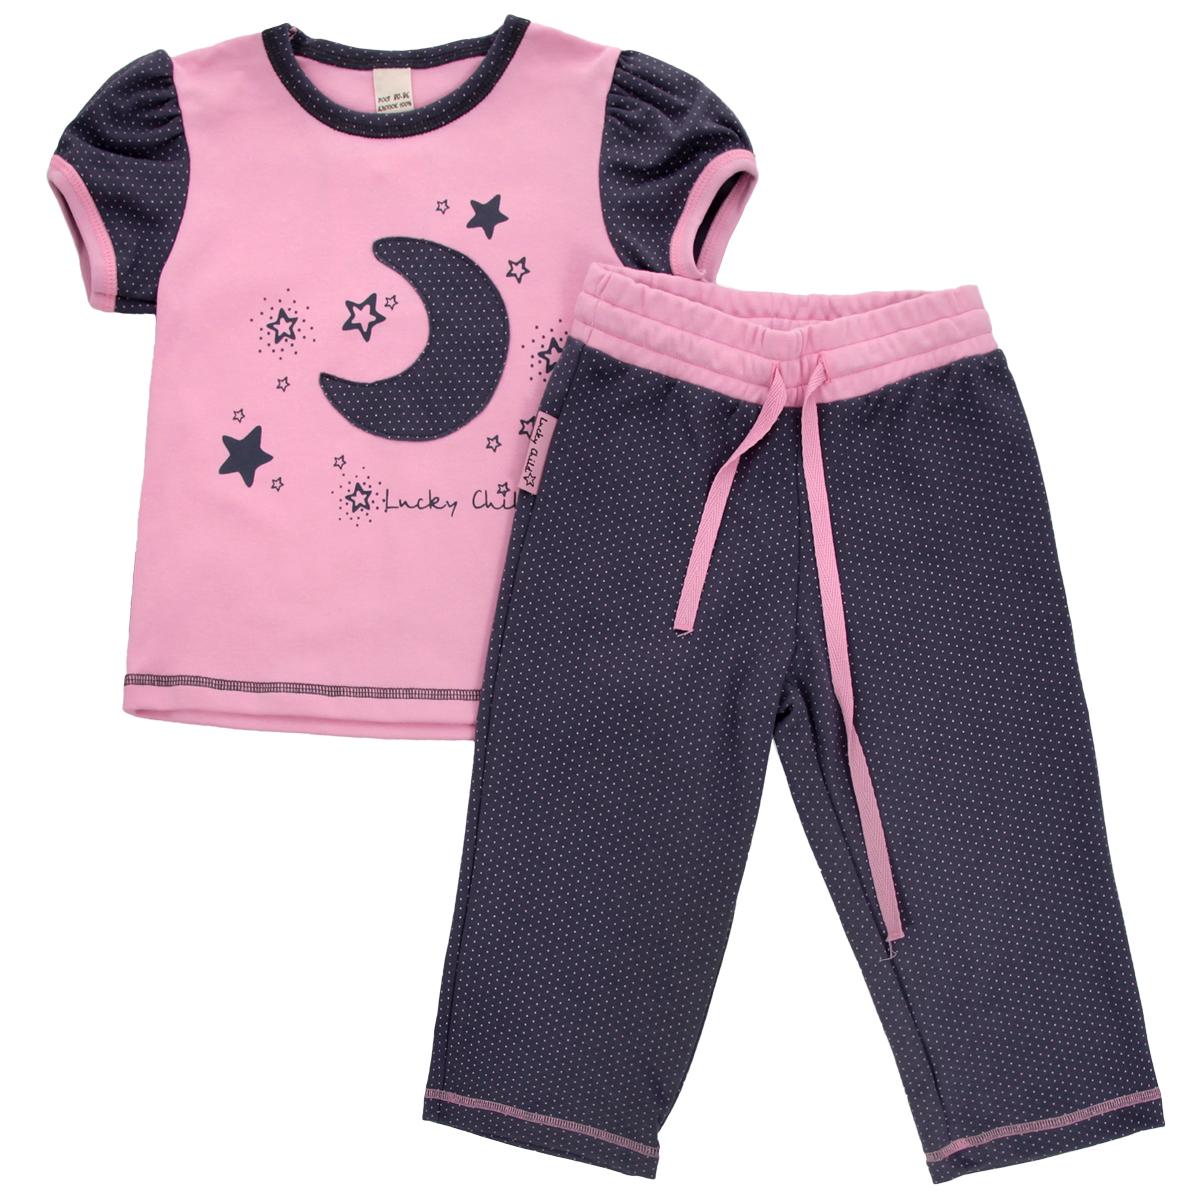 Пижама для девочки Lucky Child, цвет: серо-фиолетовый, розовый. 12-403. Размер 98/10412-403Очаровательная пижама для девочки Lucky Child, состоящая из футболки и брюк, идеально подойдет вашей дочурке и станет отличным дополнением к детскому гардеробу. Изготовленная из натурального хлопка - интерлока, она необычайно мягкая и приятная на ощупь, не раздражает нежную кожу ребенка и хорошо вентилируется, а эластичные швы приятны телу и не препятствуют его движениям.Футболка с короткими рукавами-фонариками и круглым вырезом горловины оформлена оригинальной аппликацией в виде месяца, а также принтом с изображением звездочек и названием бренда. Горловина и рукава оформлены мелким гороховым принтом. Низ изделия оформлен контрастной фигурной прострочкой. Брюки прямого кроя на талии имеют широкий эластичный пояс со шнурком, благодаря чему они не сдавливают животик ребенка и не сползают. Оформлены брюки мелким гороховым принтом. Такая пижама идеально подойдет вашей дочурке, а мягкие полотна позволят ей комфортно чувствовать себя во время сна!